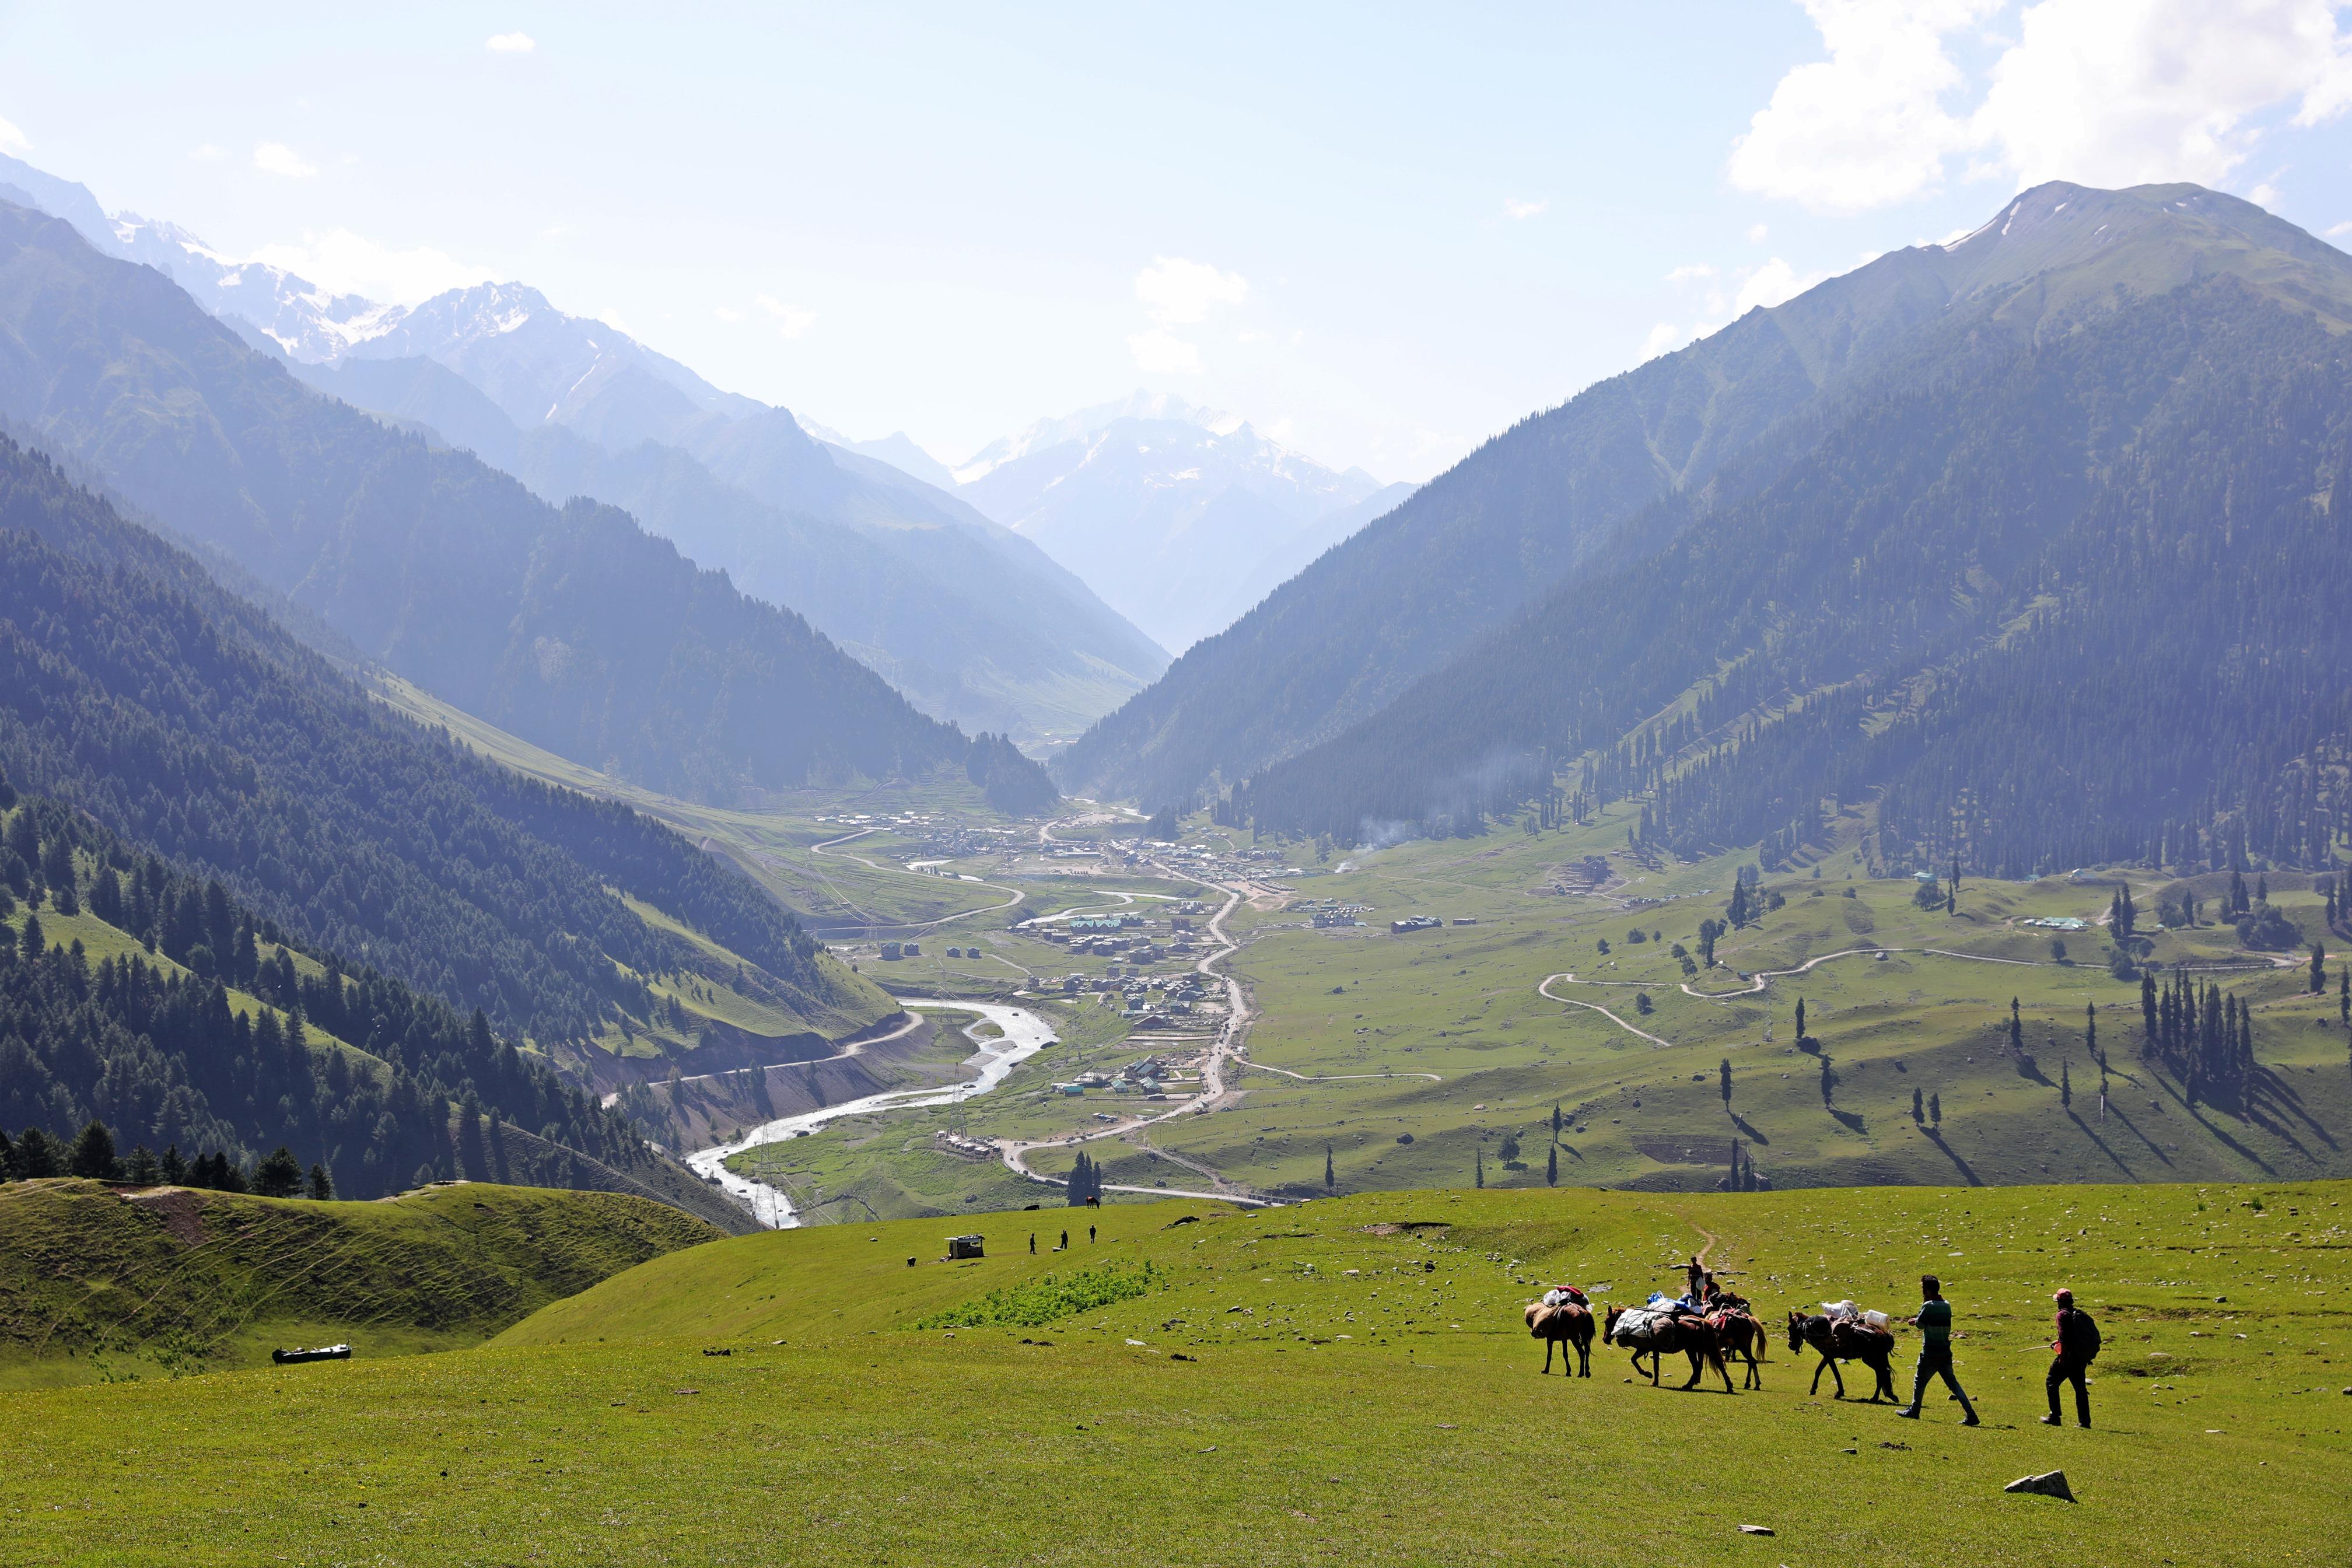 Sonemarg, Kashmir